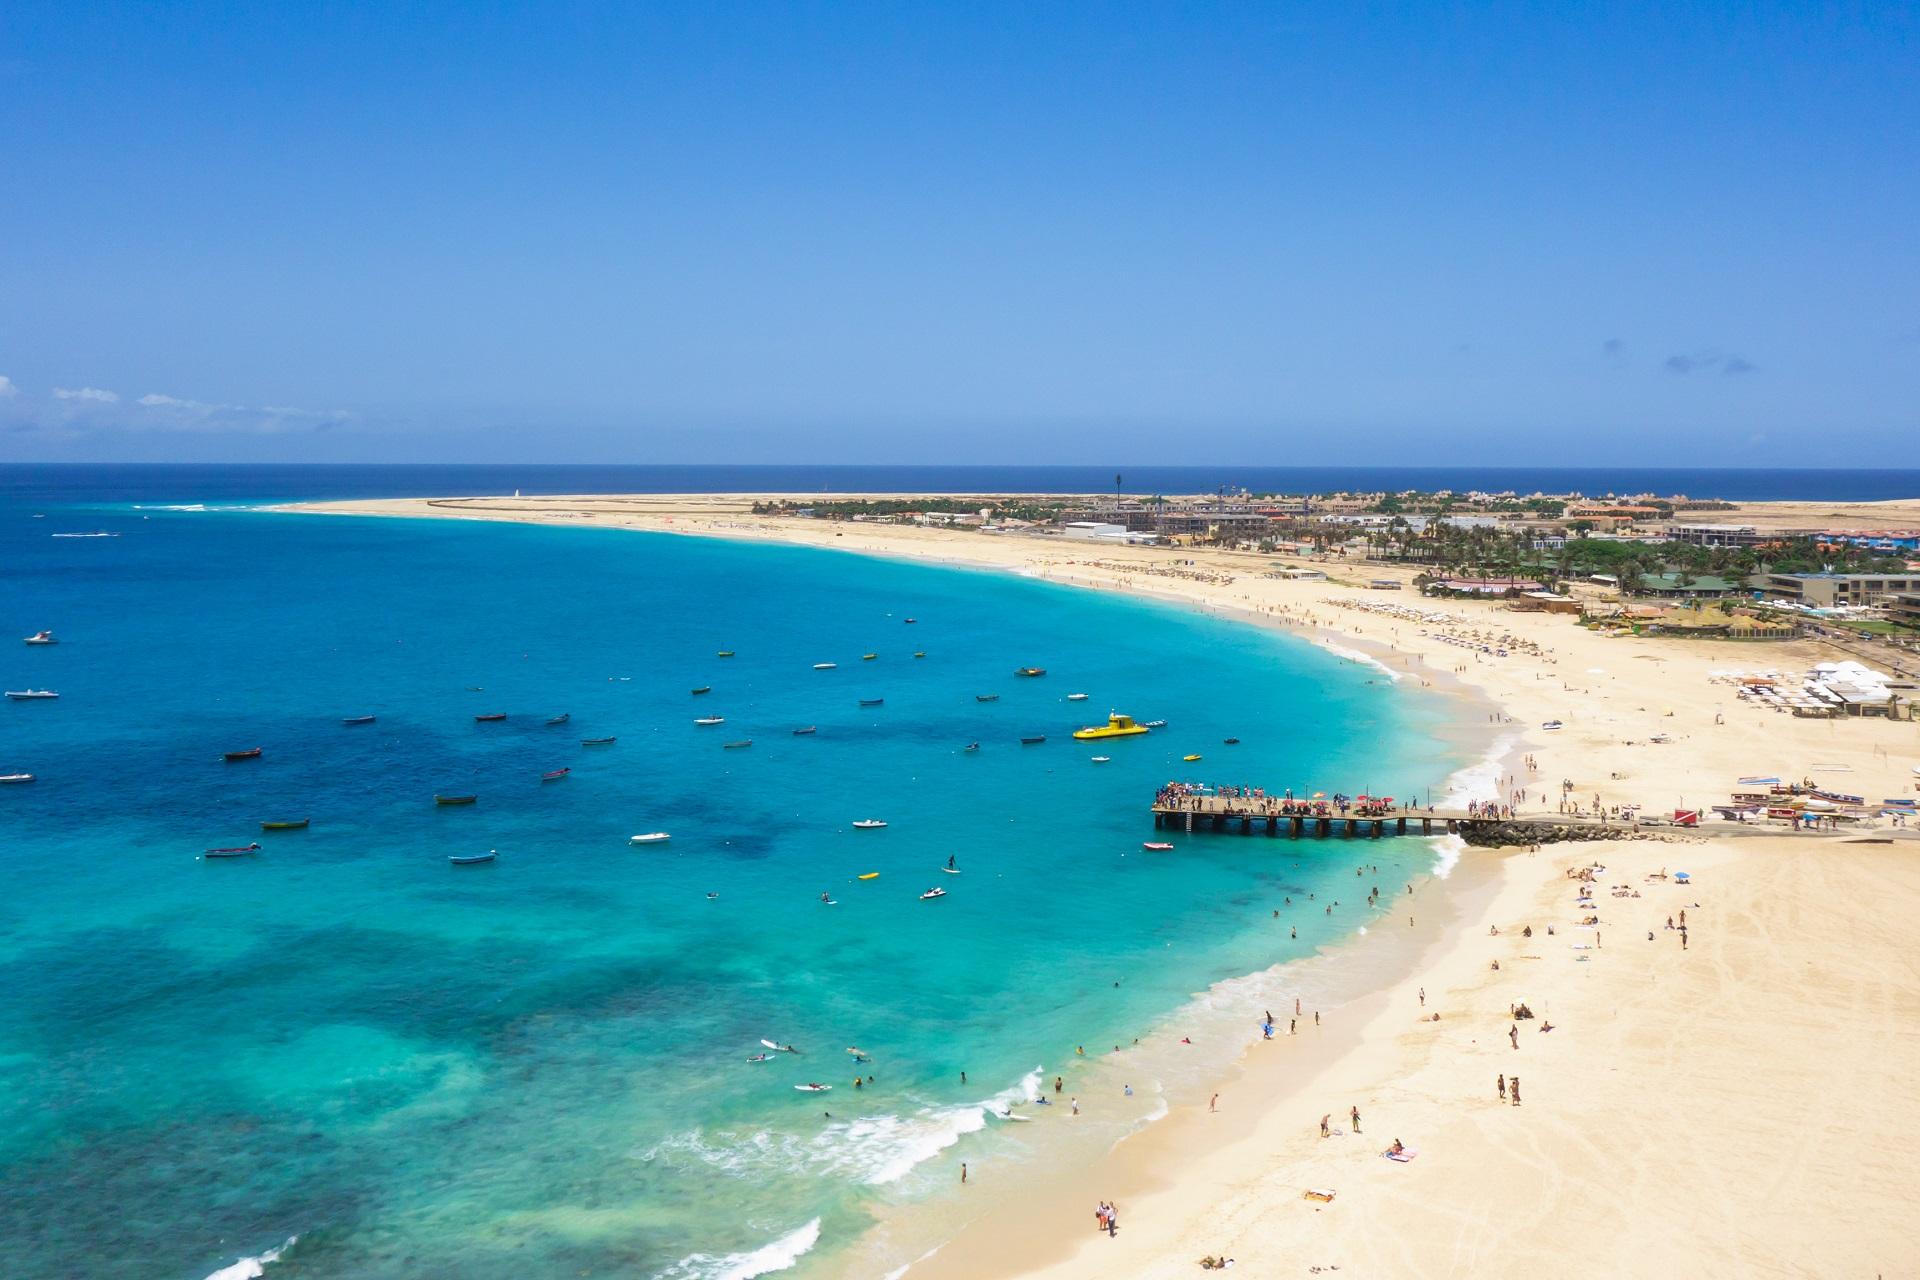 plaza-santa-maria-na-wyspie-sal-wyspy-zielonego-przyladka-cape-verde-aerial-view  - I...TAKI blog o podróżach z pasją!